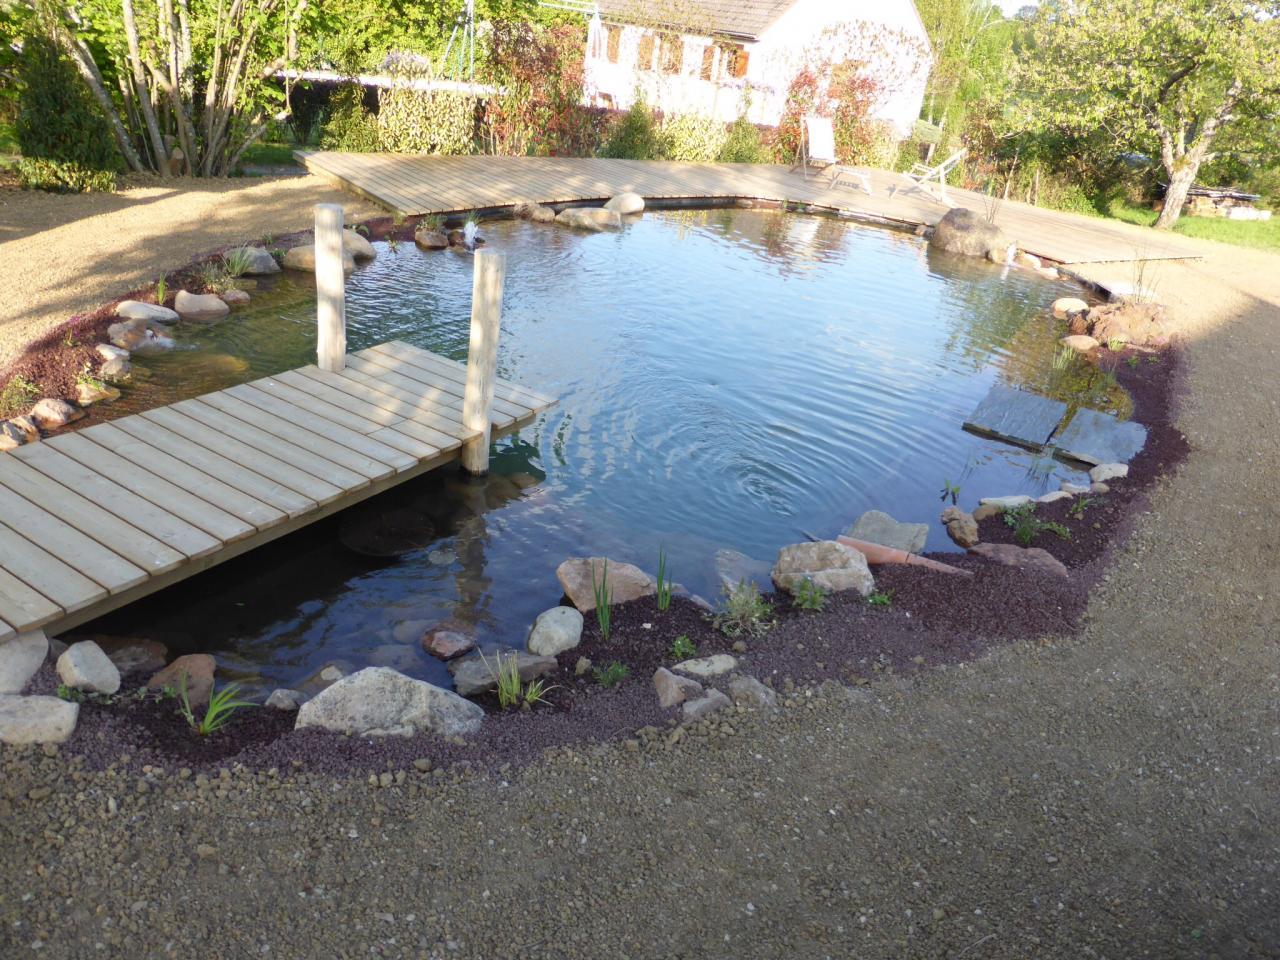 Paysagiste auxerre et pourrain cr ation de parcs jardins bassins et terrasses - Bassin jardin bois reims ...